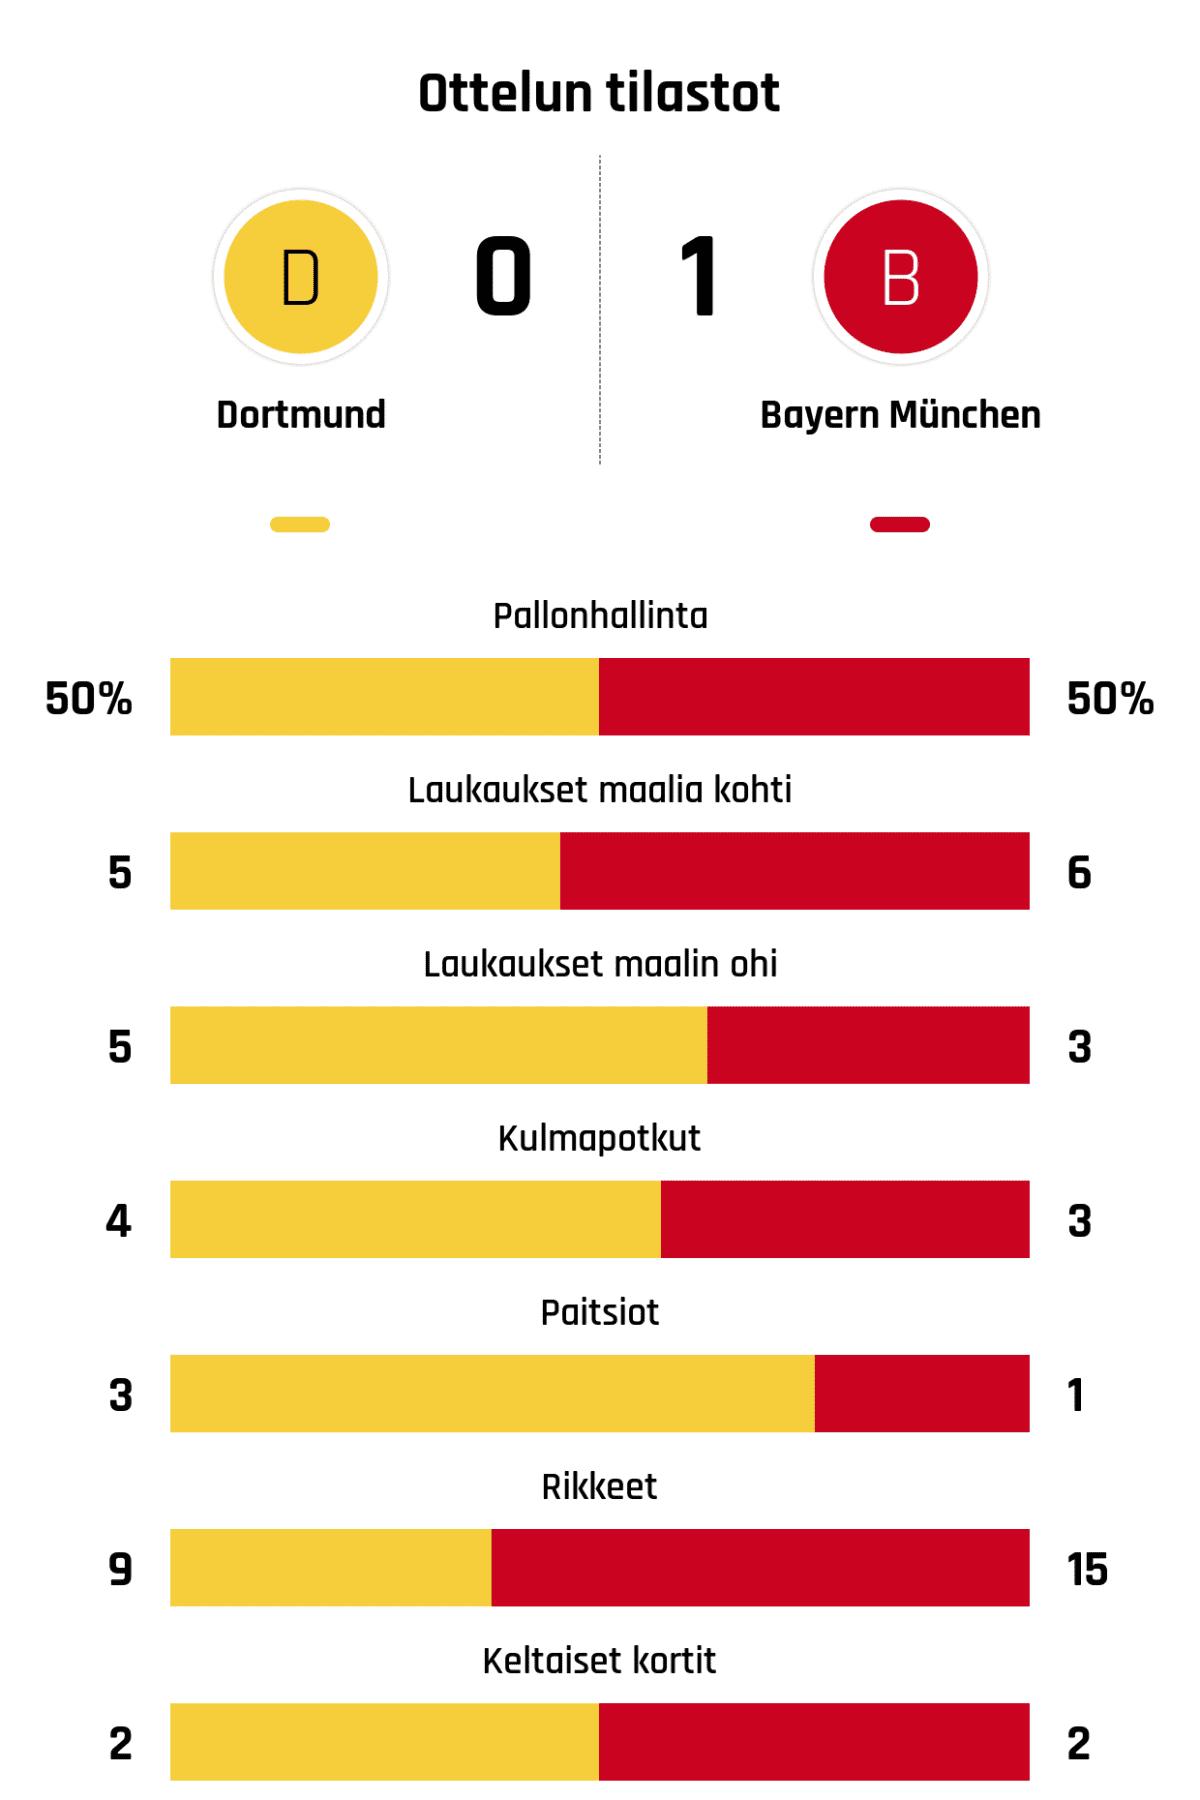 Pallonhallinta 50%-50% Laukaukset maalia kohti 5-6 Laukaukset maalin ohi 5-3 Kulmapotkut 4-3 Paitsiot 3-1 Rikkeet 9-15 Keltaiset kortit 2-2